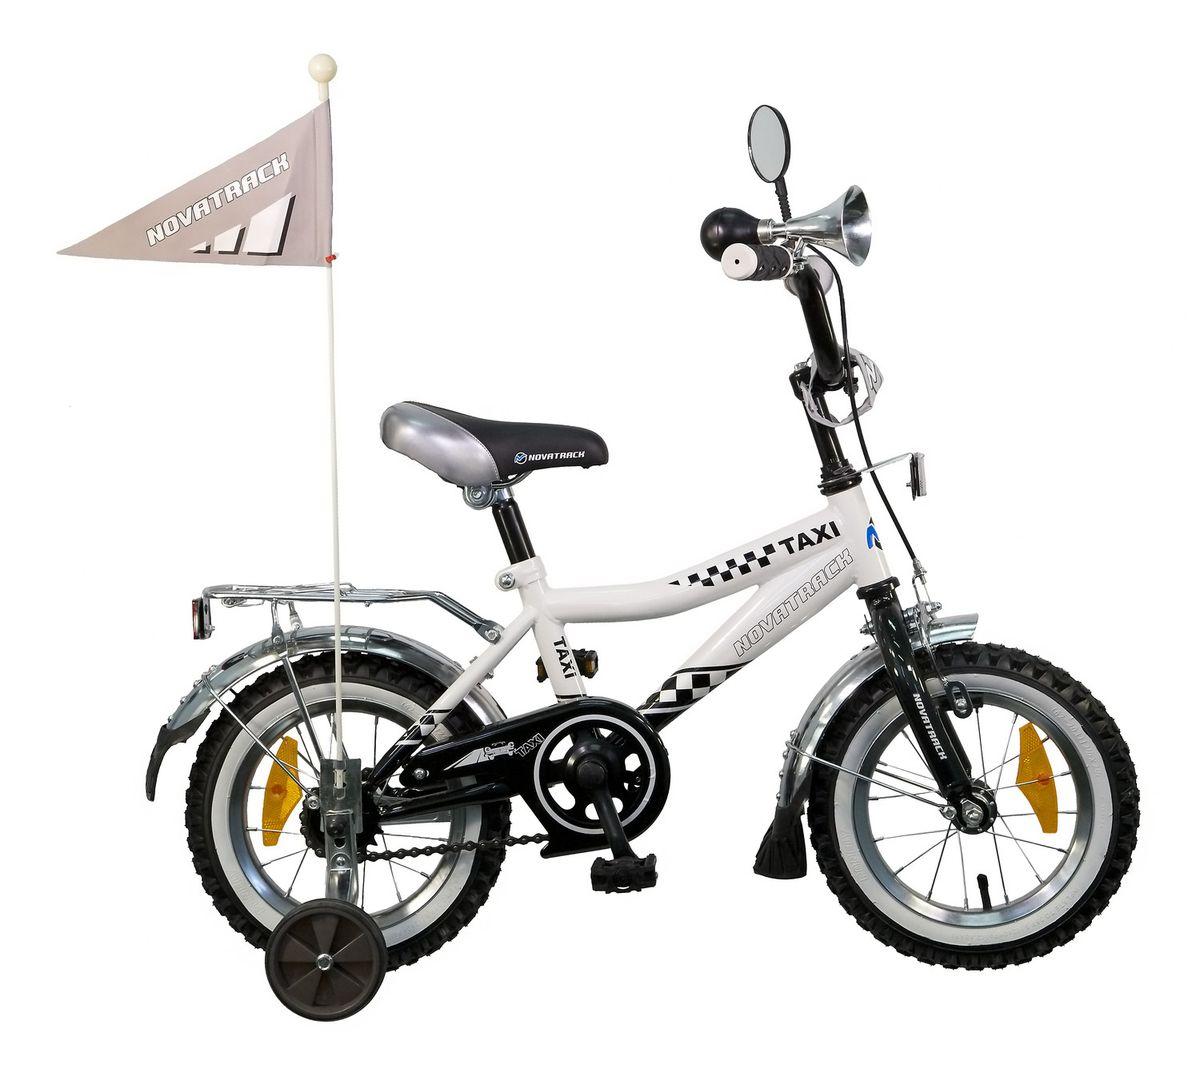 Велосипед детский Novatrack Taxi 12, цвет: черный, белыйS2449BВелосипед Novatrack Taxi c 12-дюймовыми колесами – это велосипед для мальчиков в возрасте от 2 до 4 лет. Дизайнеры позаботились о том, чтобы велосипед понравился будущему велогонщику: стильный дизайн завсегдатая городских дорог, надежный хромированный багажник для перевозки игрушек и прочих нужностей, на руле установлено зеркало заднего вида и гудок, такой же громкий, как у настоящих автомобилистов. Эта модель предназначена для самых маленьких, поэтому на Taxi установлена защита цепи, которая не позволит штанишкам попасть в механизм, ограничитель руля, предотвращающий повороты под опасно большим углом, и надежный ножной и ручной тормоза, для того, чтобы быстро останавливаться в случае необходимости. Флажок на длинном флагштоке поможет быстро найти свой велосипед среди транспорта других ребятишек на детской площадке.